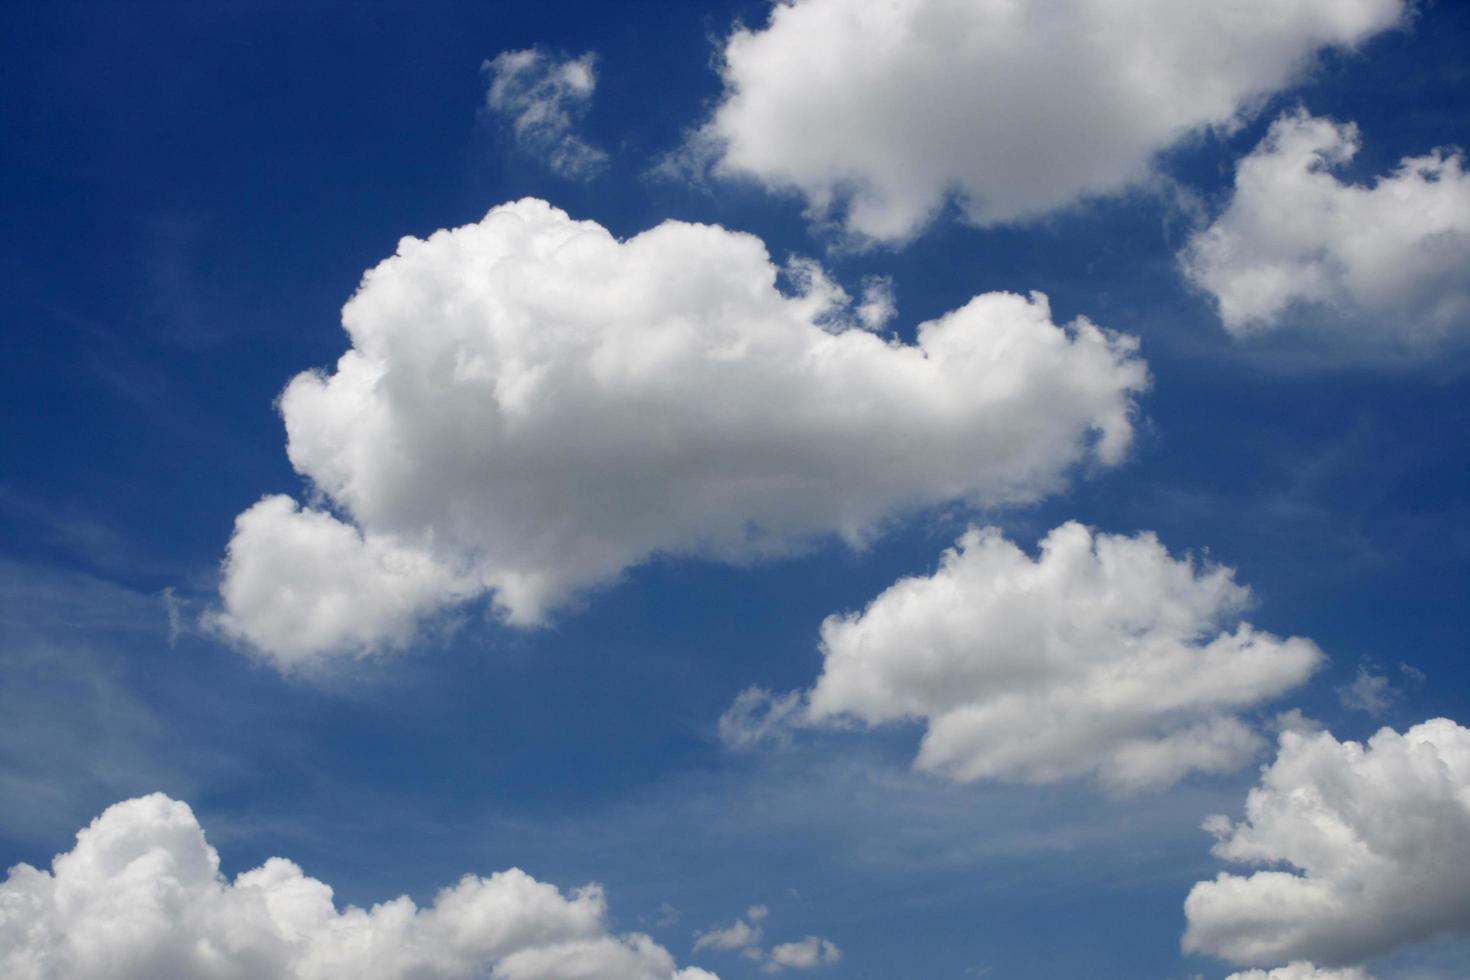 flauschige weiße Wolken in einem blauen Himmel foto